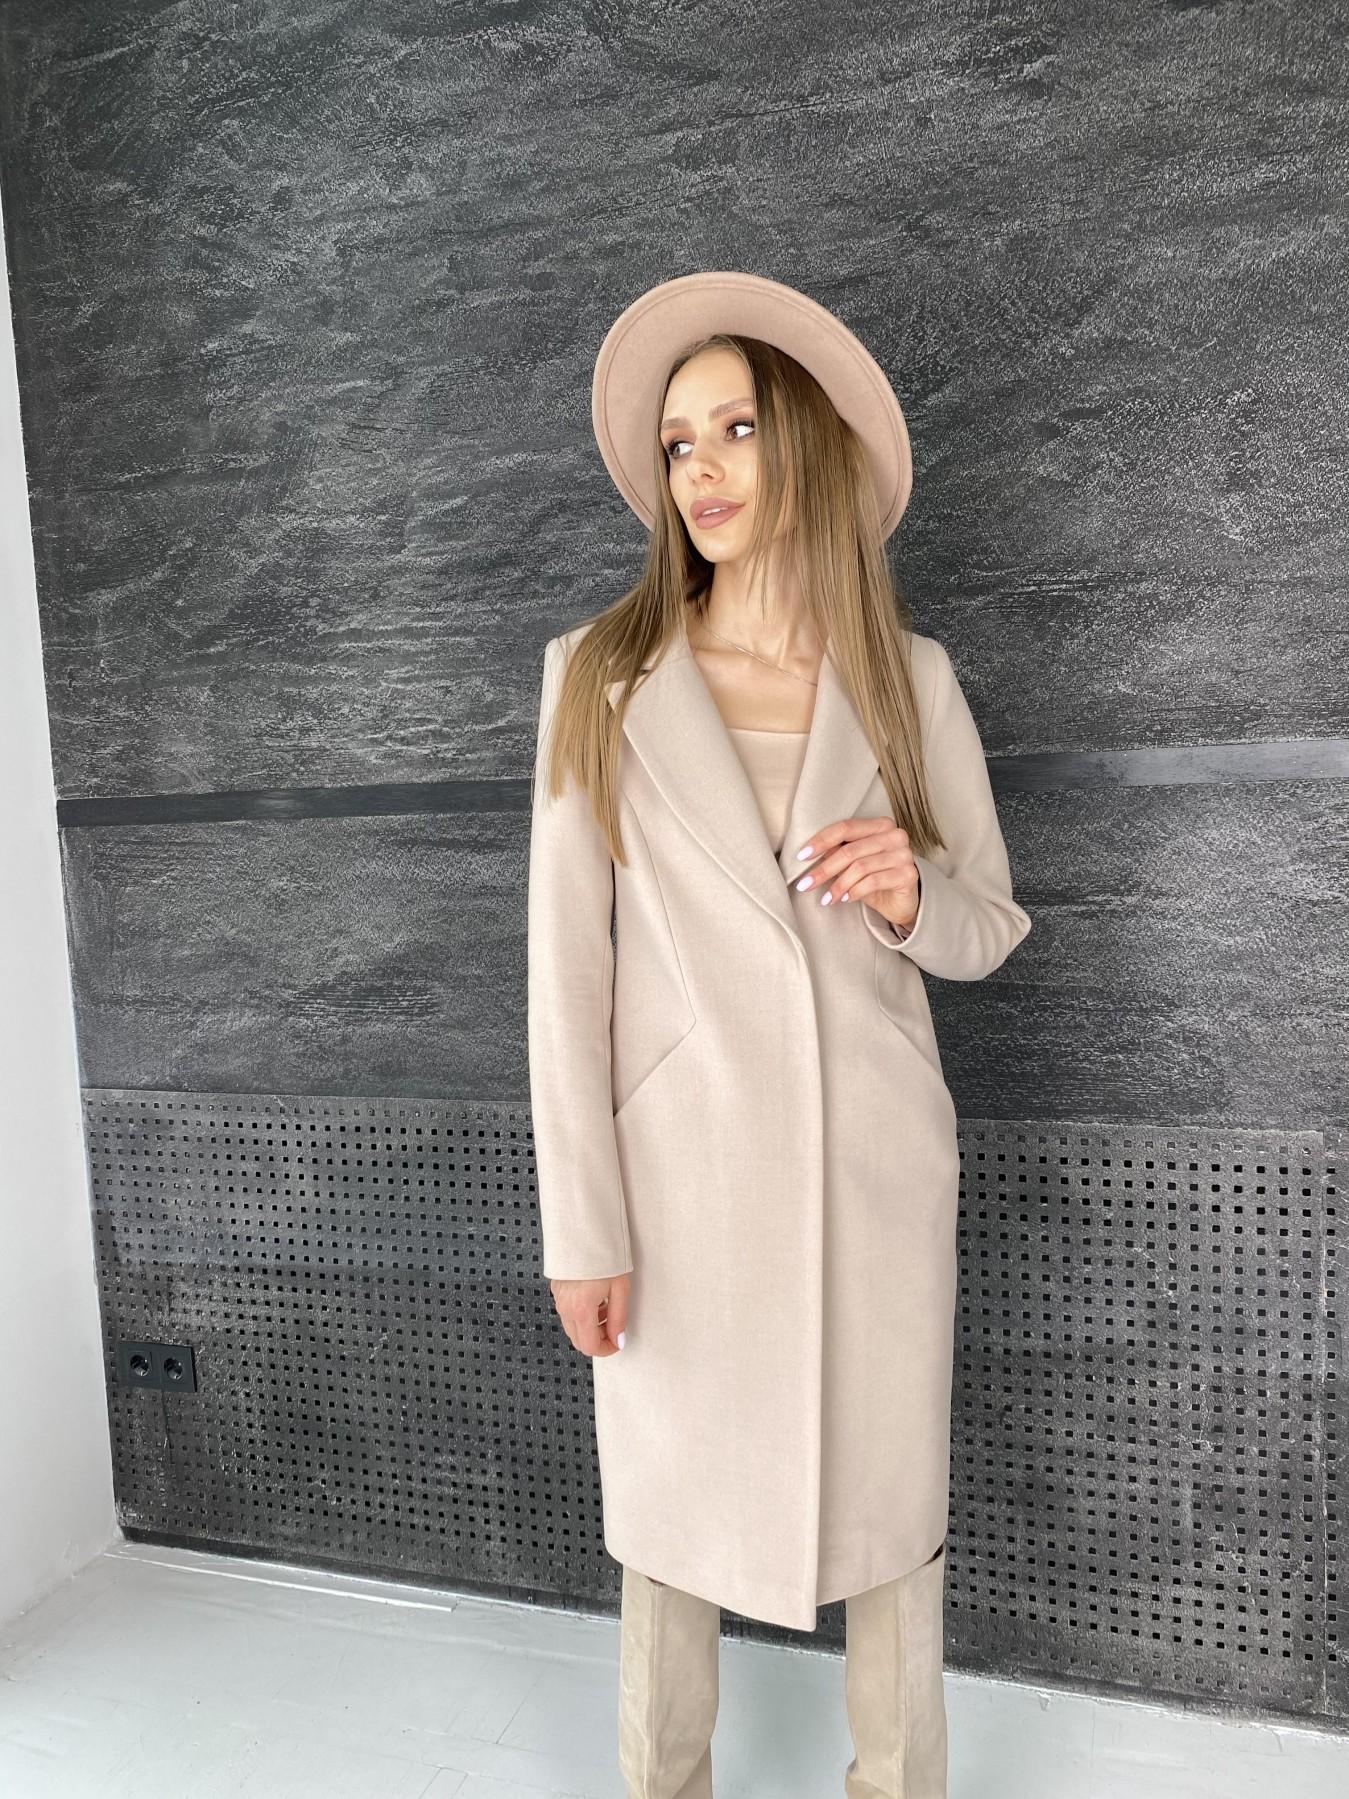 Мехико пальто из гладкого кашемира 10891 АРТ. 47359 Цвет: Кофе - фото 3, интернет магазин tm-modus.ru